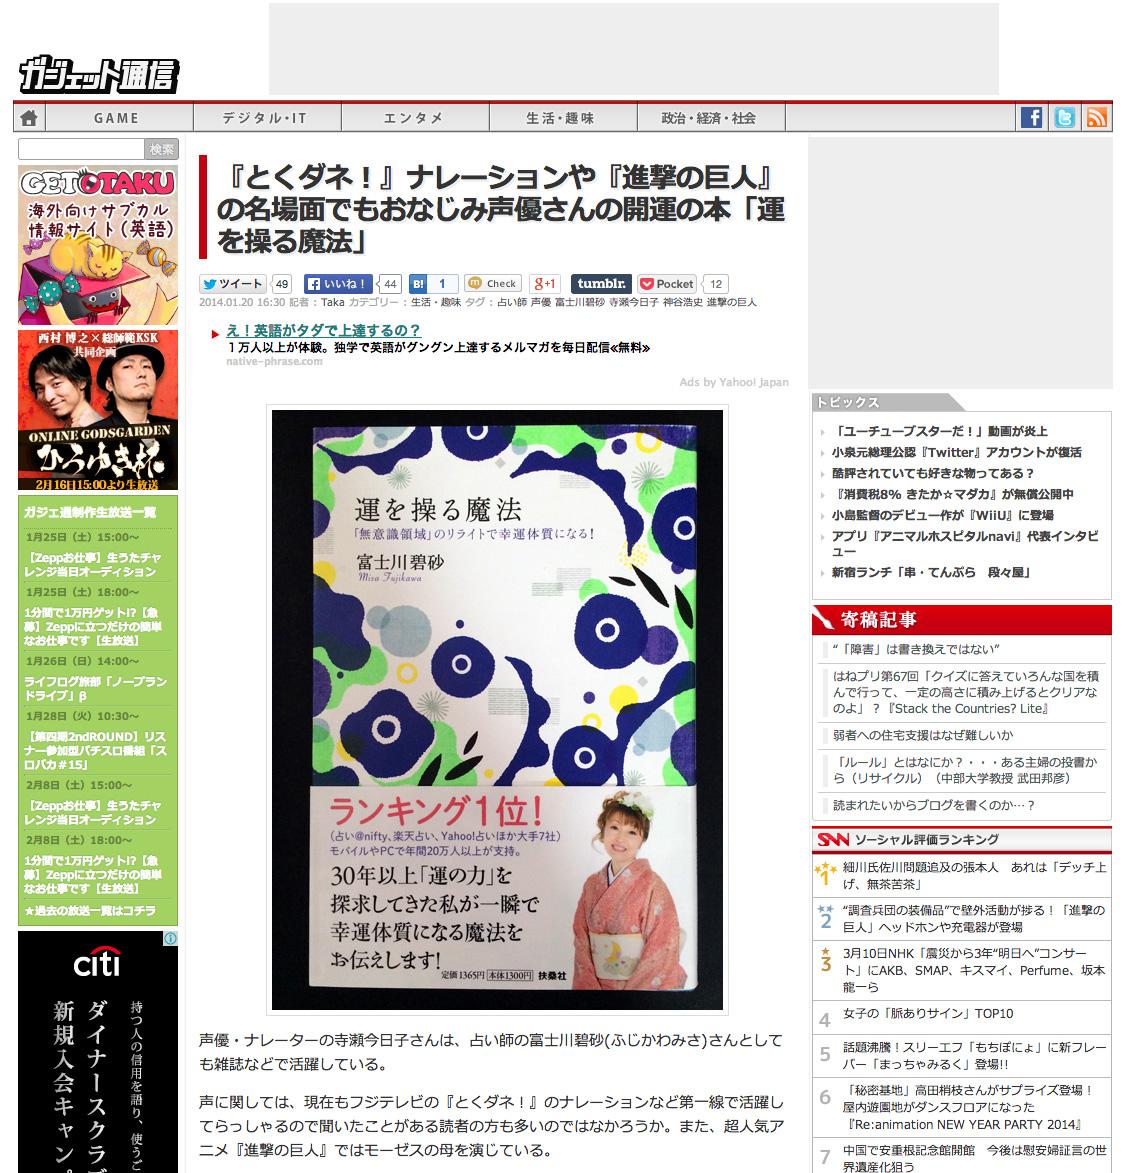 『運を操る魔法』が各種ニュースサイトで取り上げられました